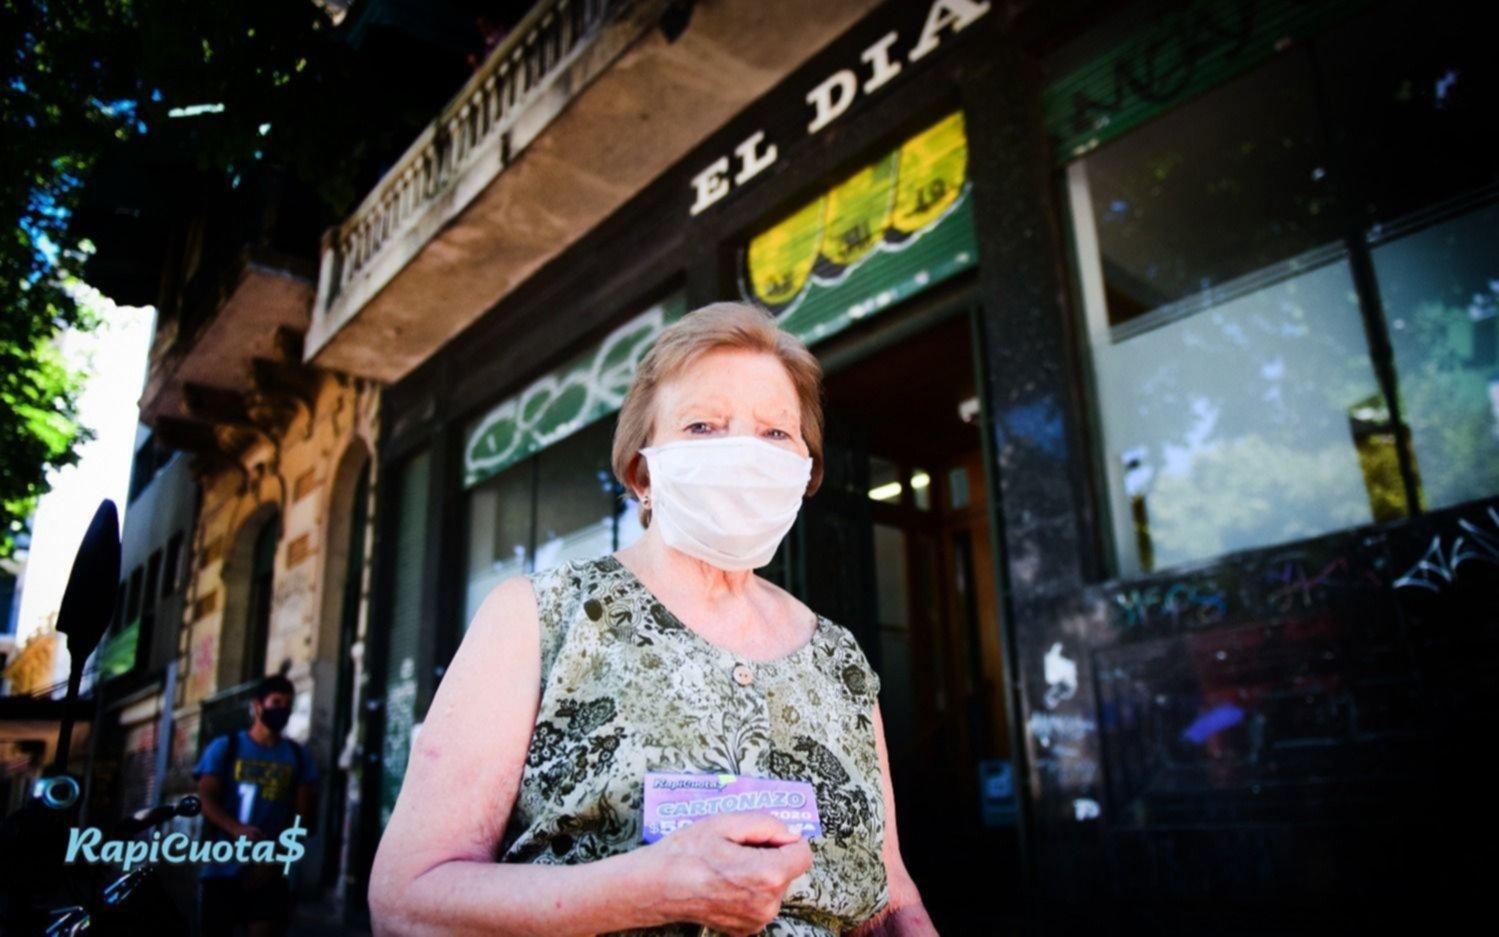 Una lectora de 85 años se quedó con el cuarto de millón de pesos del Cartonazo